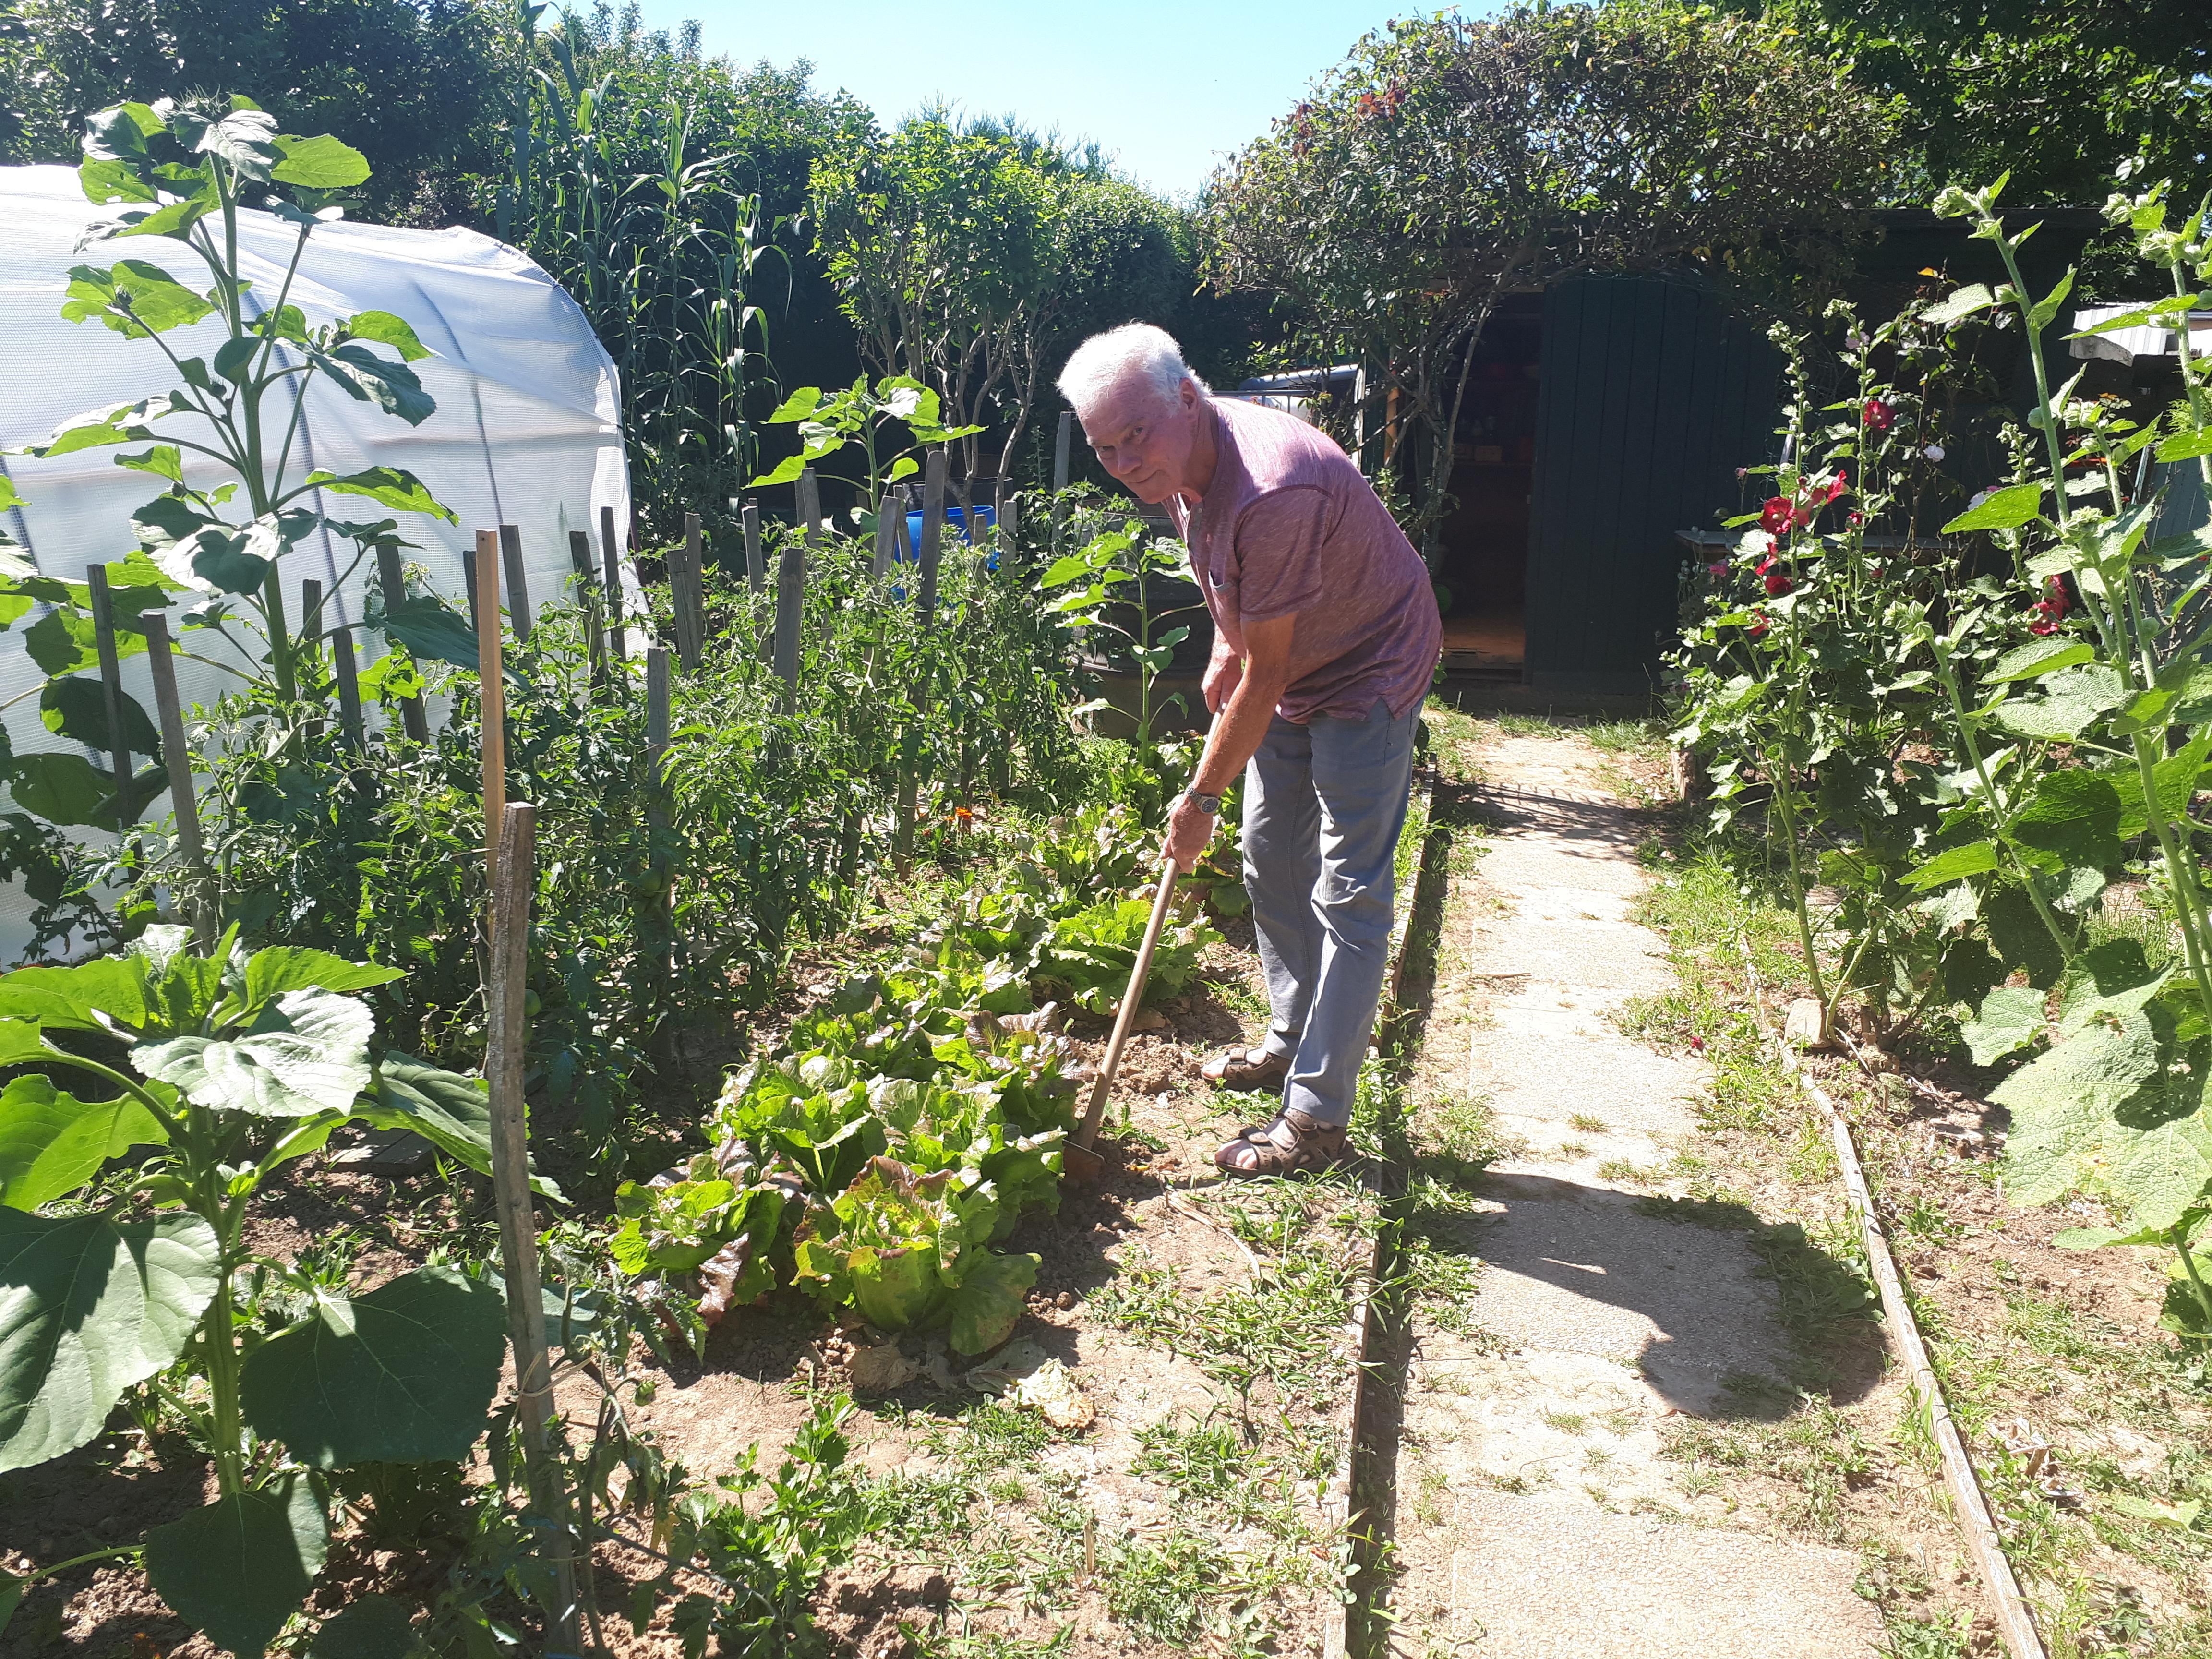 Jardin Ouvrier Le Havre guerre ouverte dans les jardins familiaux de thiais   94